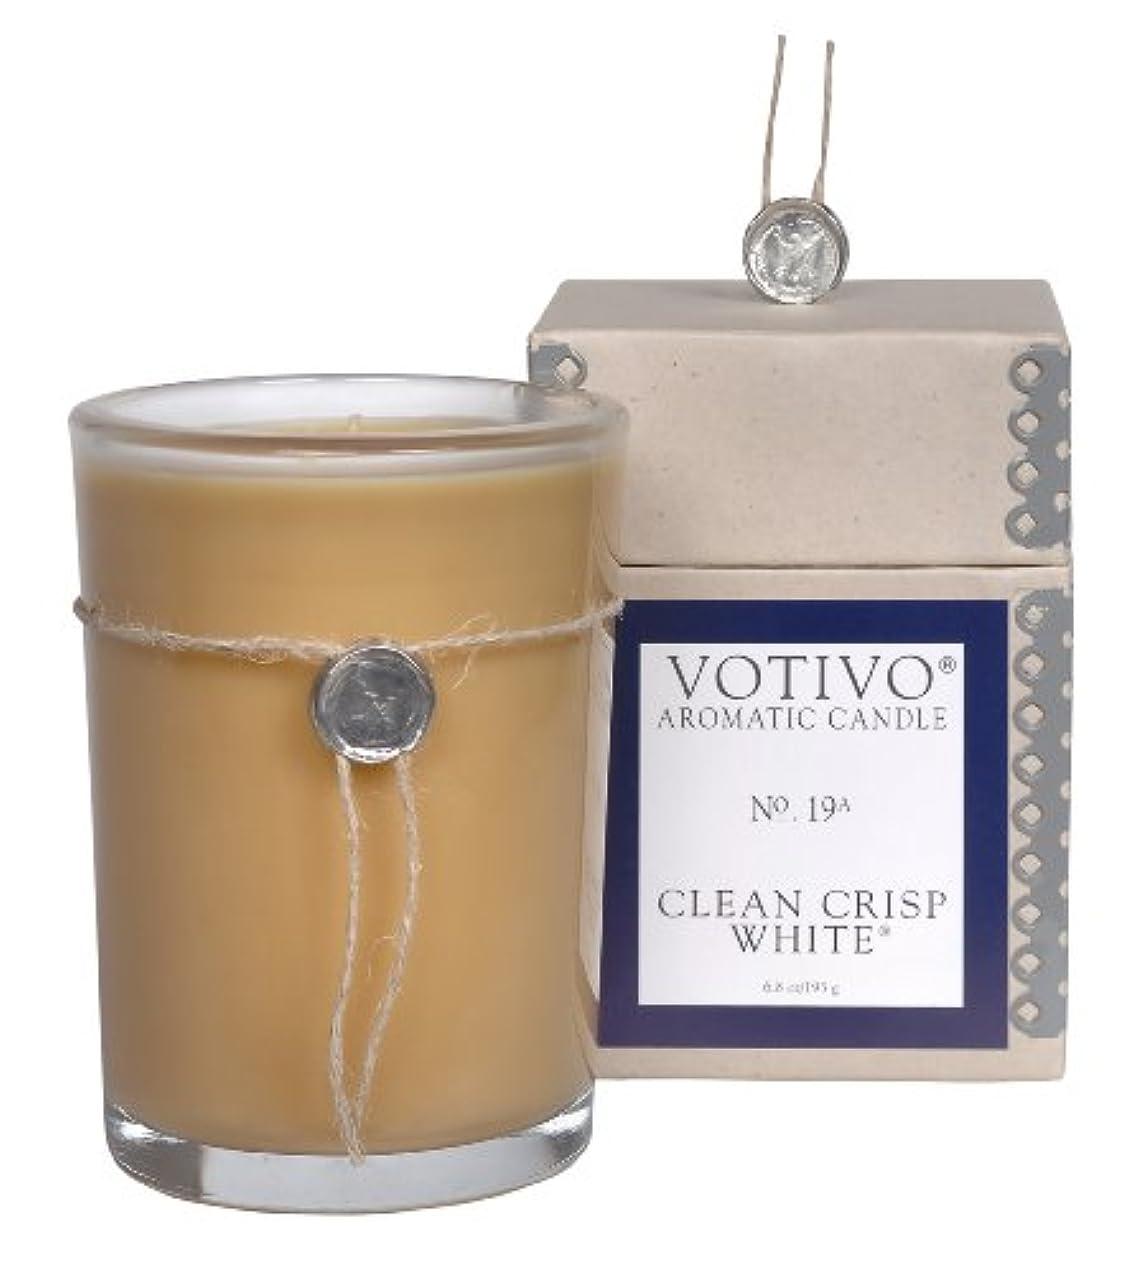 動作専門化する皿VOTIVO アロマティック グラスキャンドル クリーンクリスプホワイト